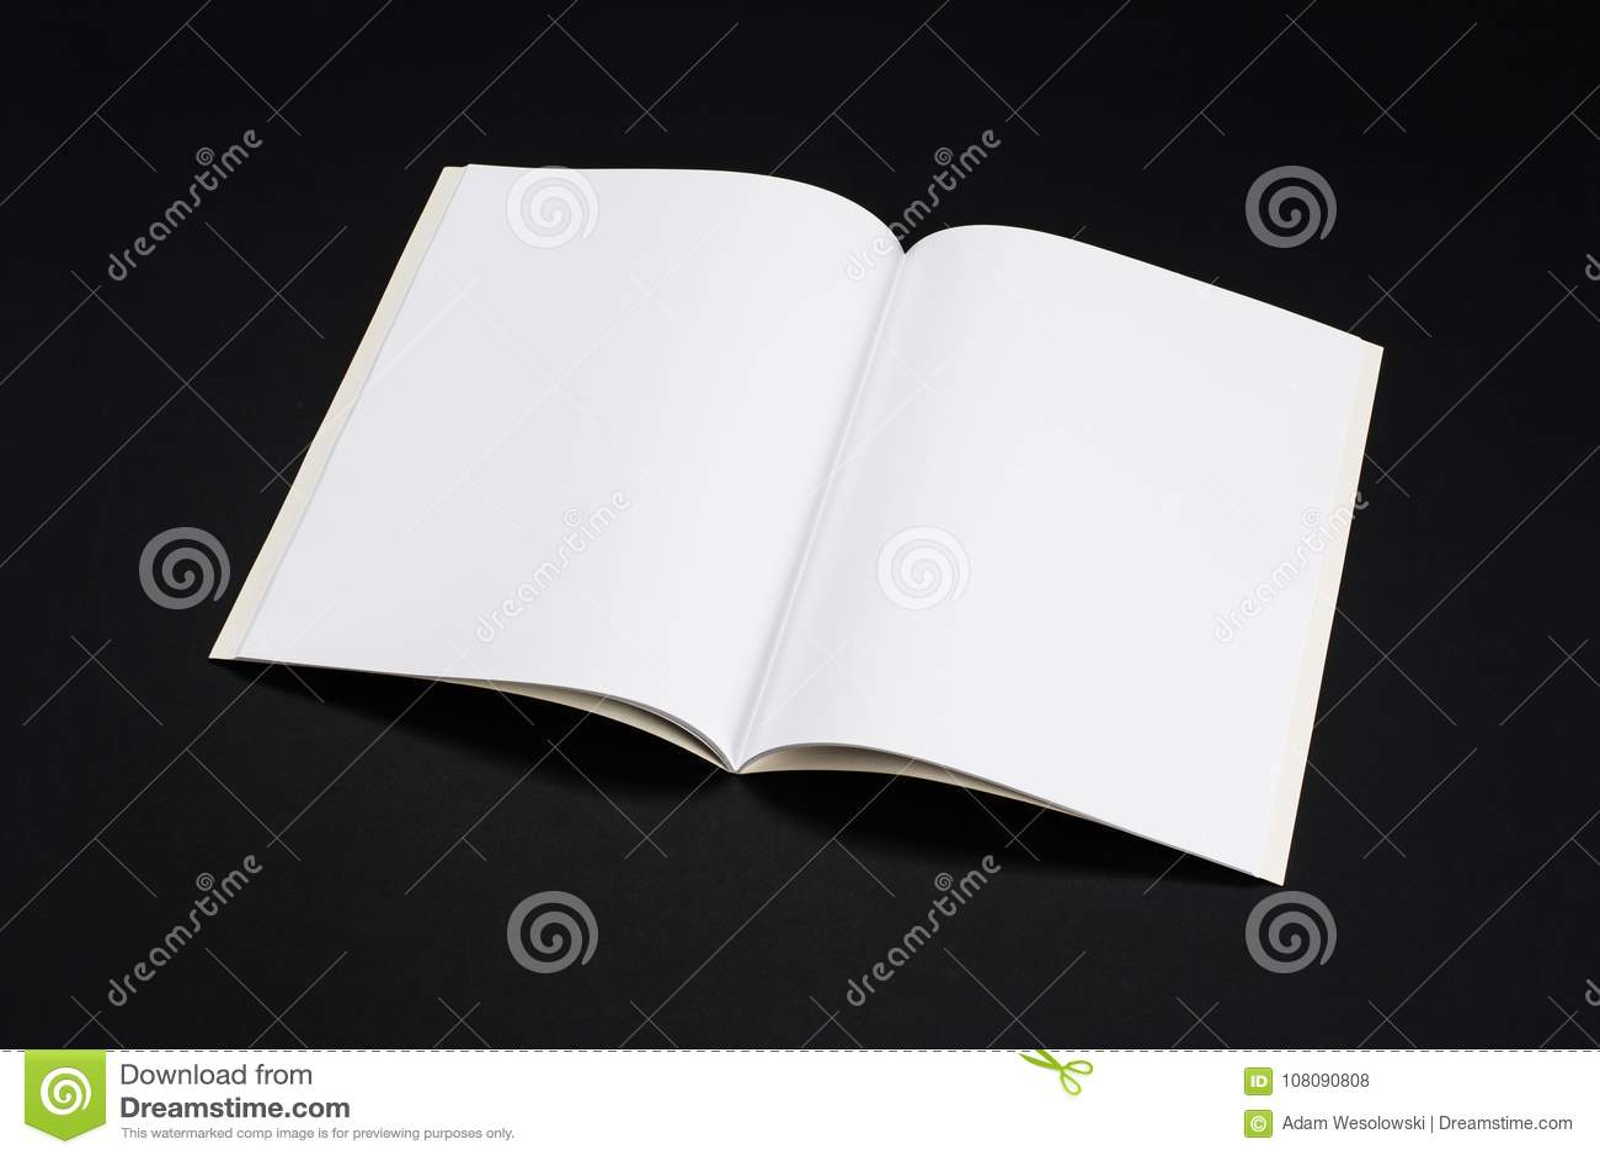 大模型杂志、书或者编目在黑桌背景